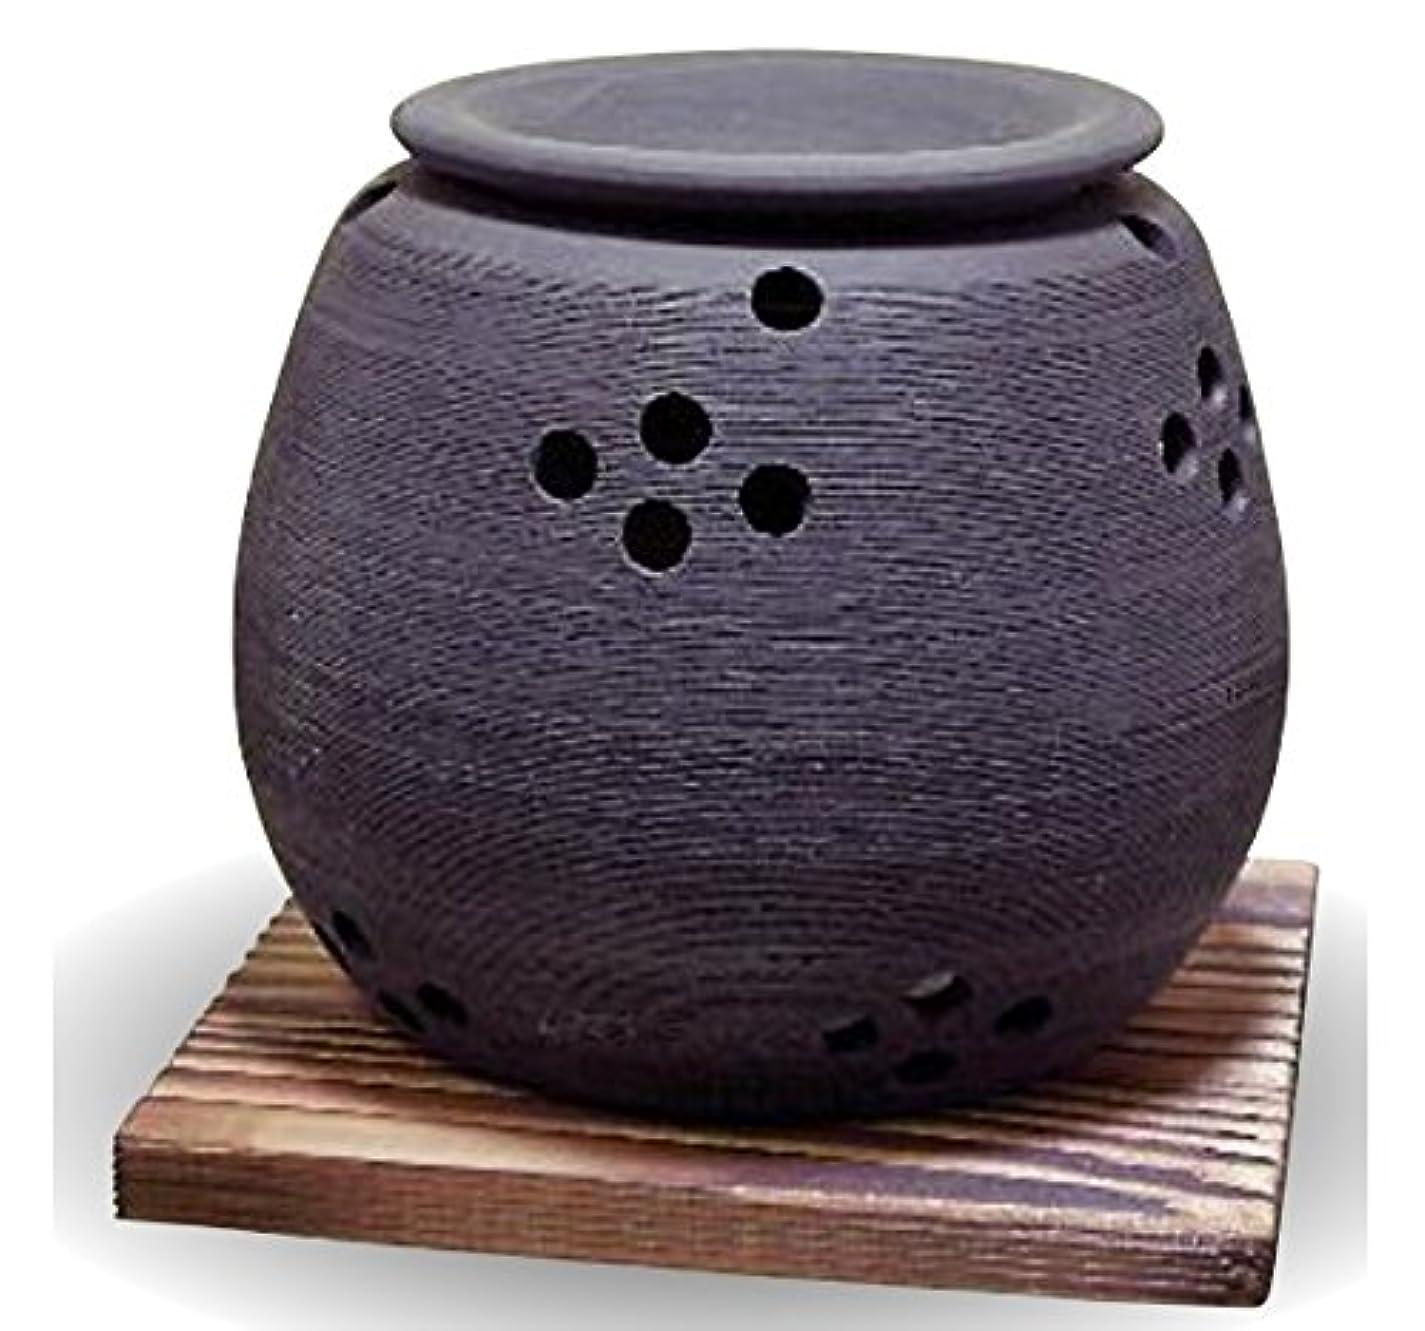 にんじん暫定組み合わせ常滑焼 茶香炉(アロマポット)径10×高さ9cm